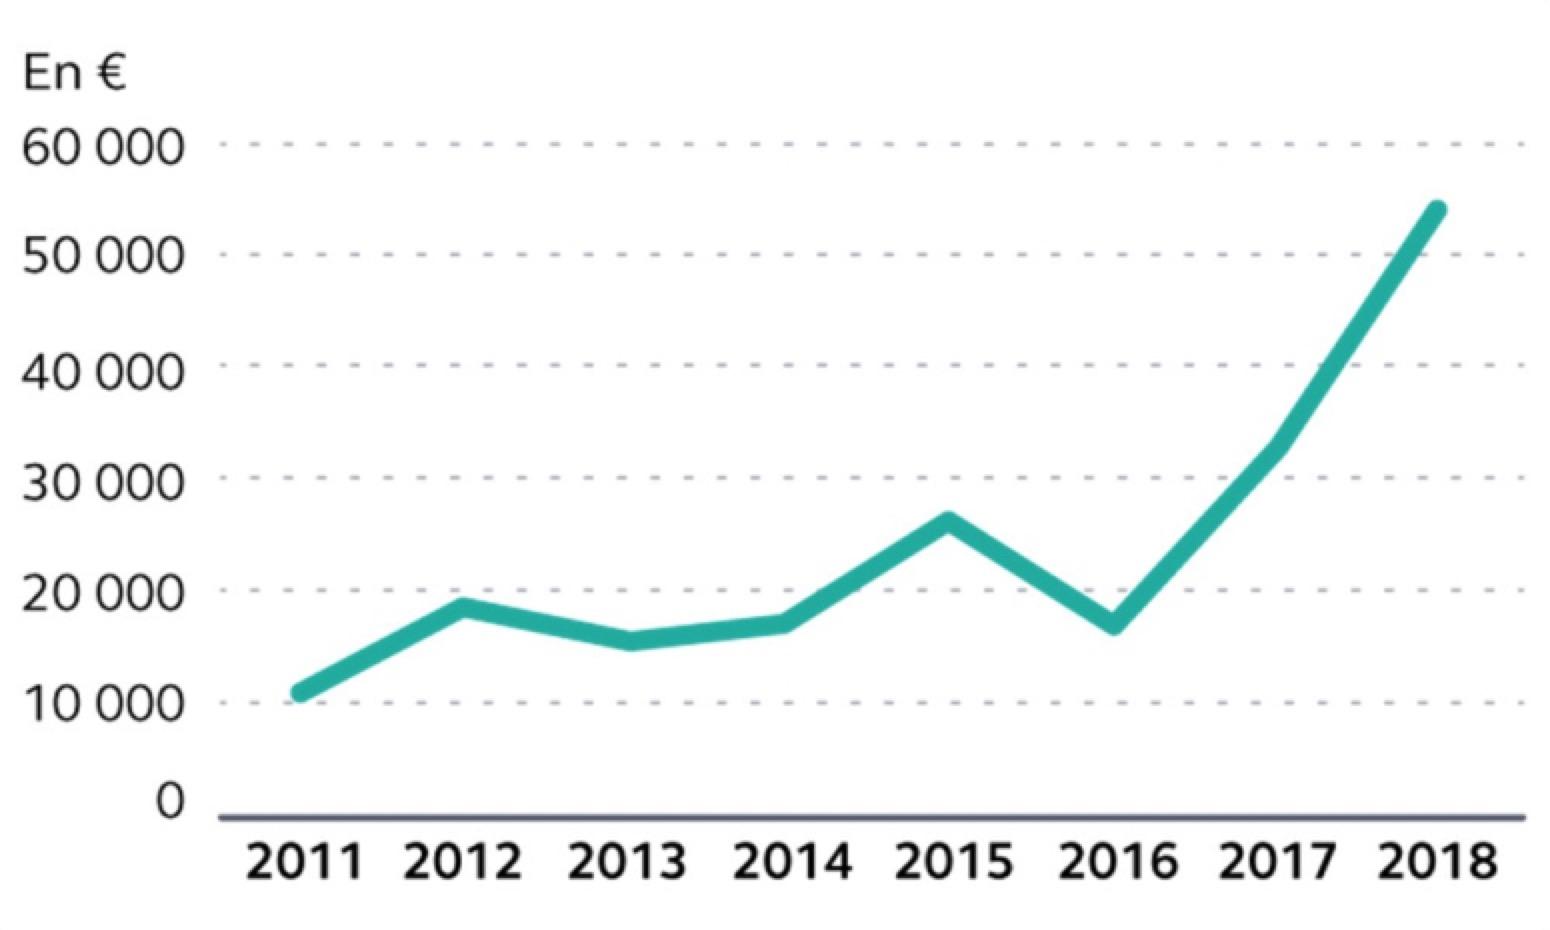 Evolution des primes au CNOM entre 2011 et 2018